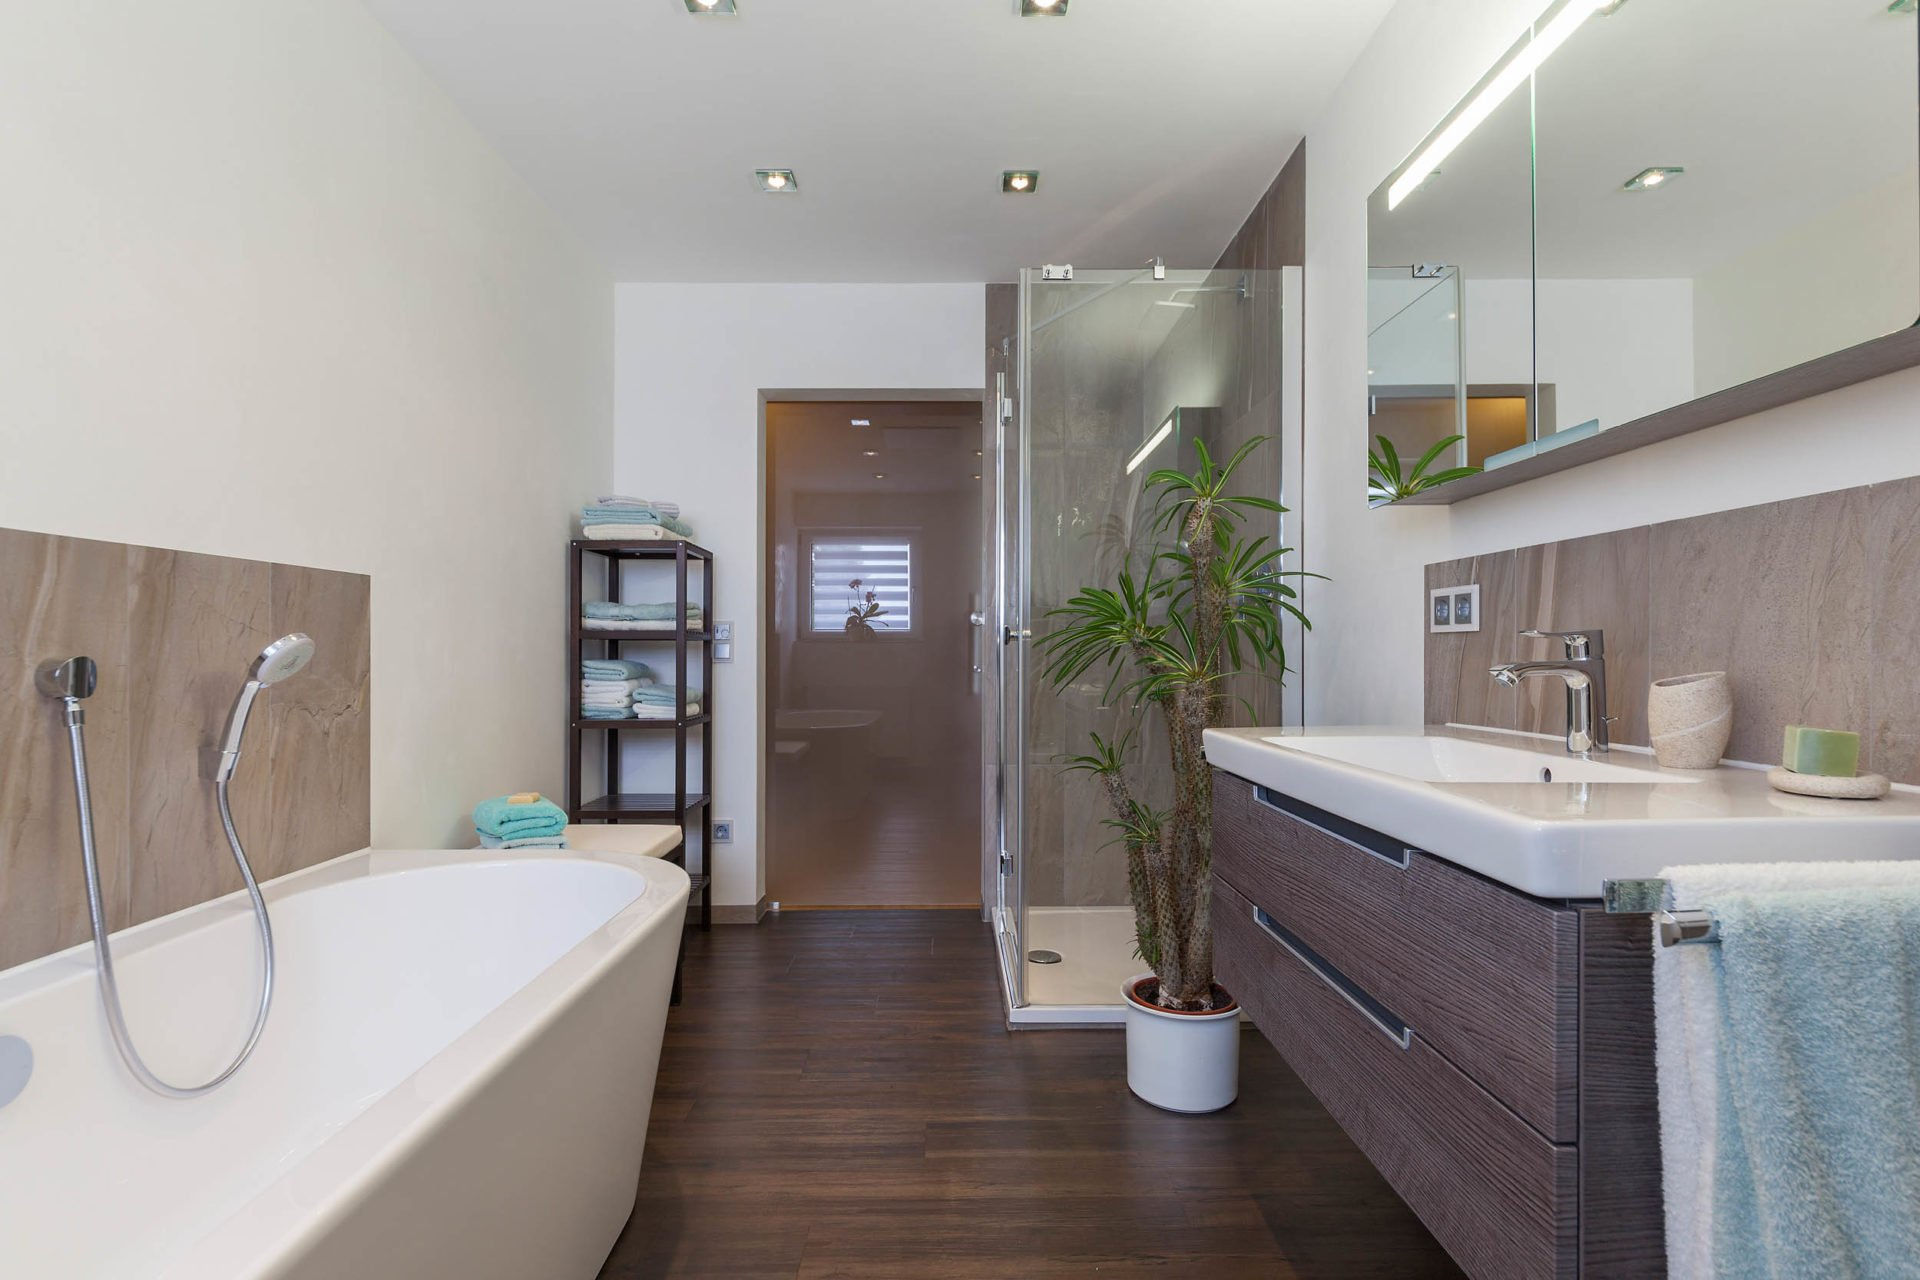 bad referenzbad marmor und holz waschtisch armatur freistehende wanne nowak gmbh bergisch gladbach. Black Bedroom Furniture Sets. Home Design Ideas